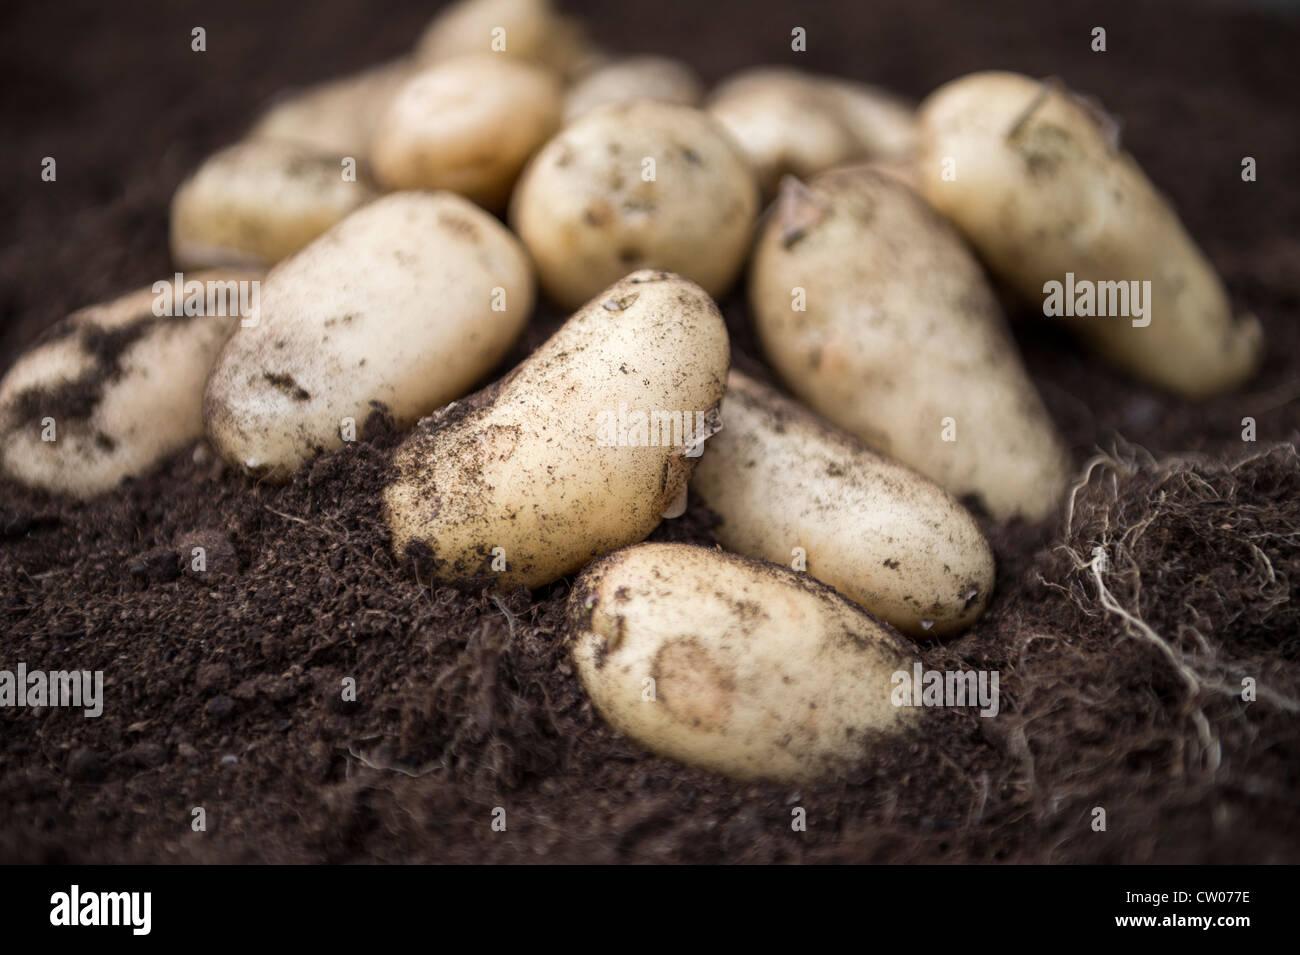 Frisch geerntete Frühkartoffeln in Kompost reichen Boden, Großbritannien. Stockbild